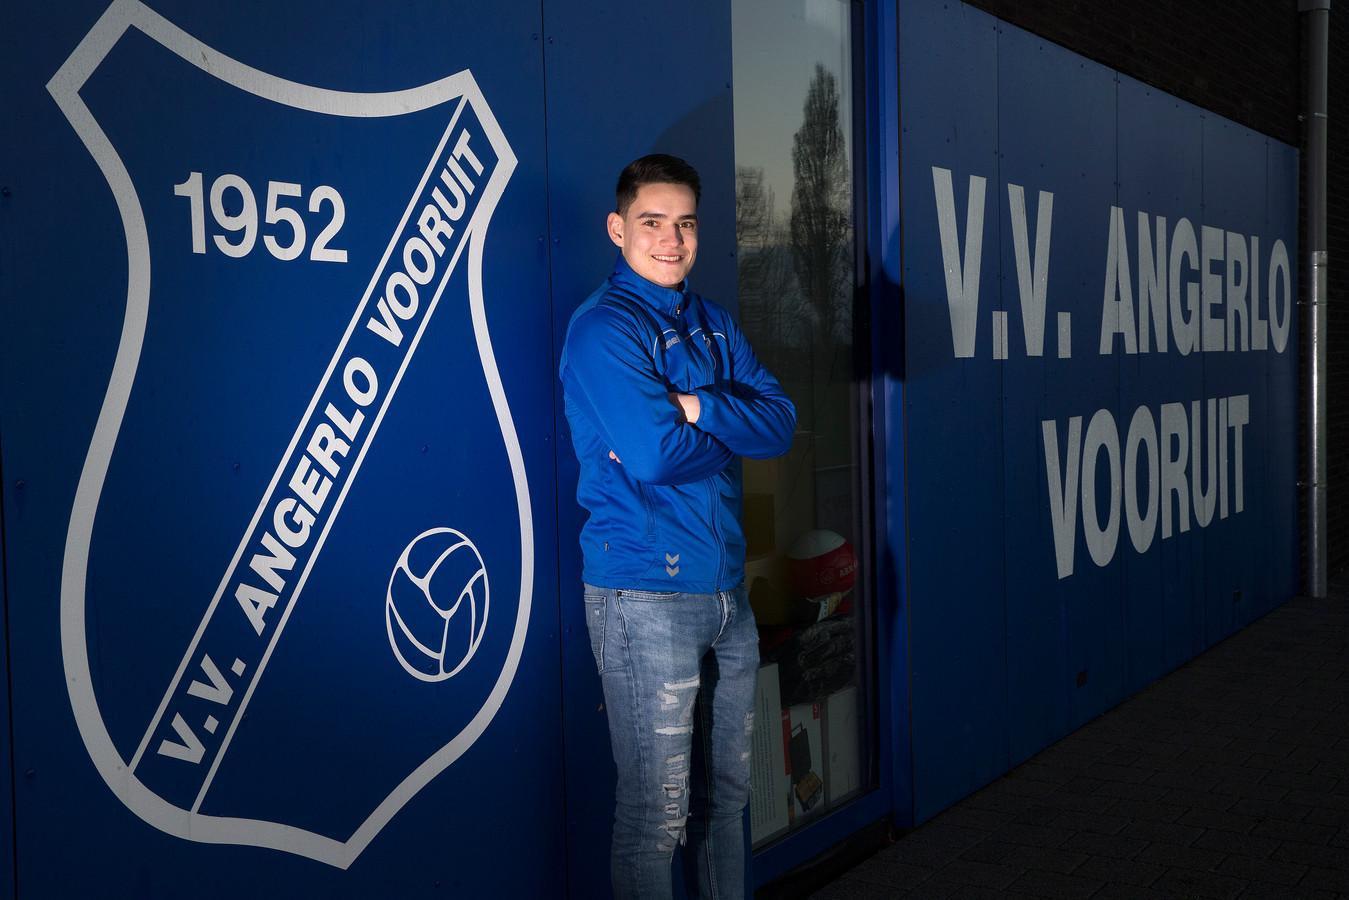 Charan Schel voetballer van Angerlo Vooruit: 'Dus het enige doel dat nu nog overblijft, is kampioen worden.'